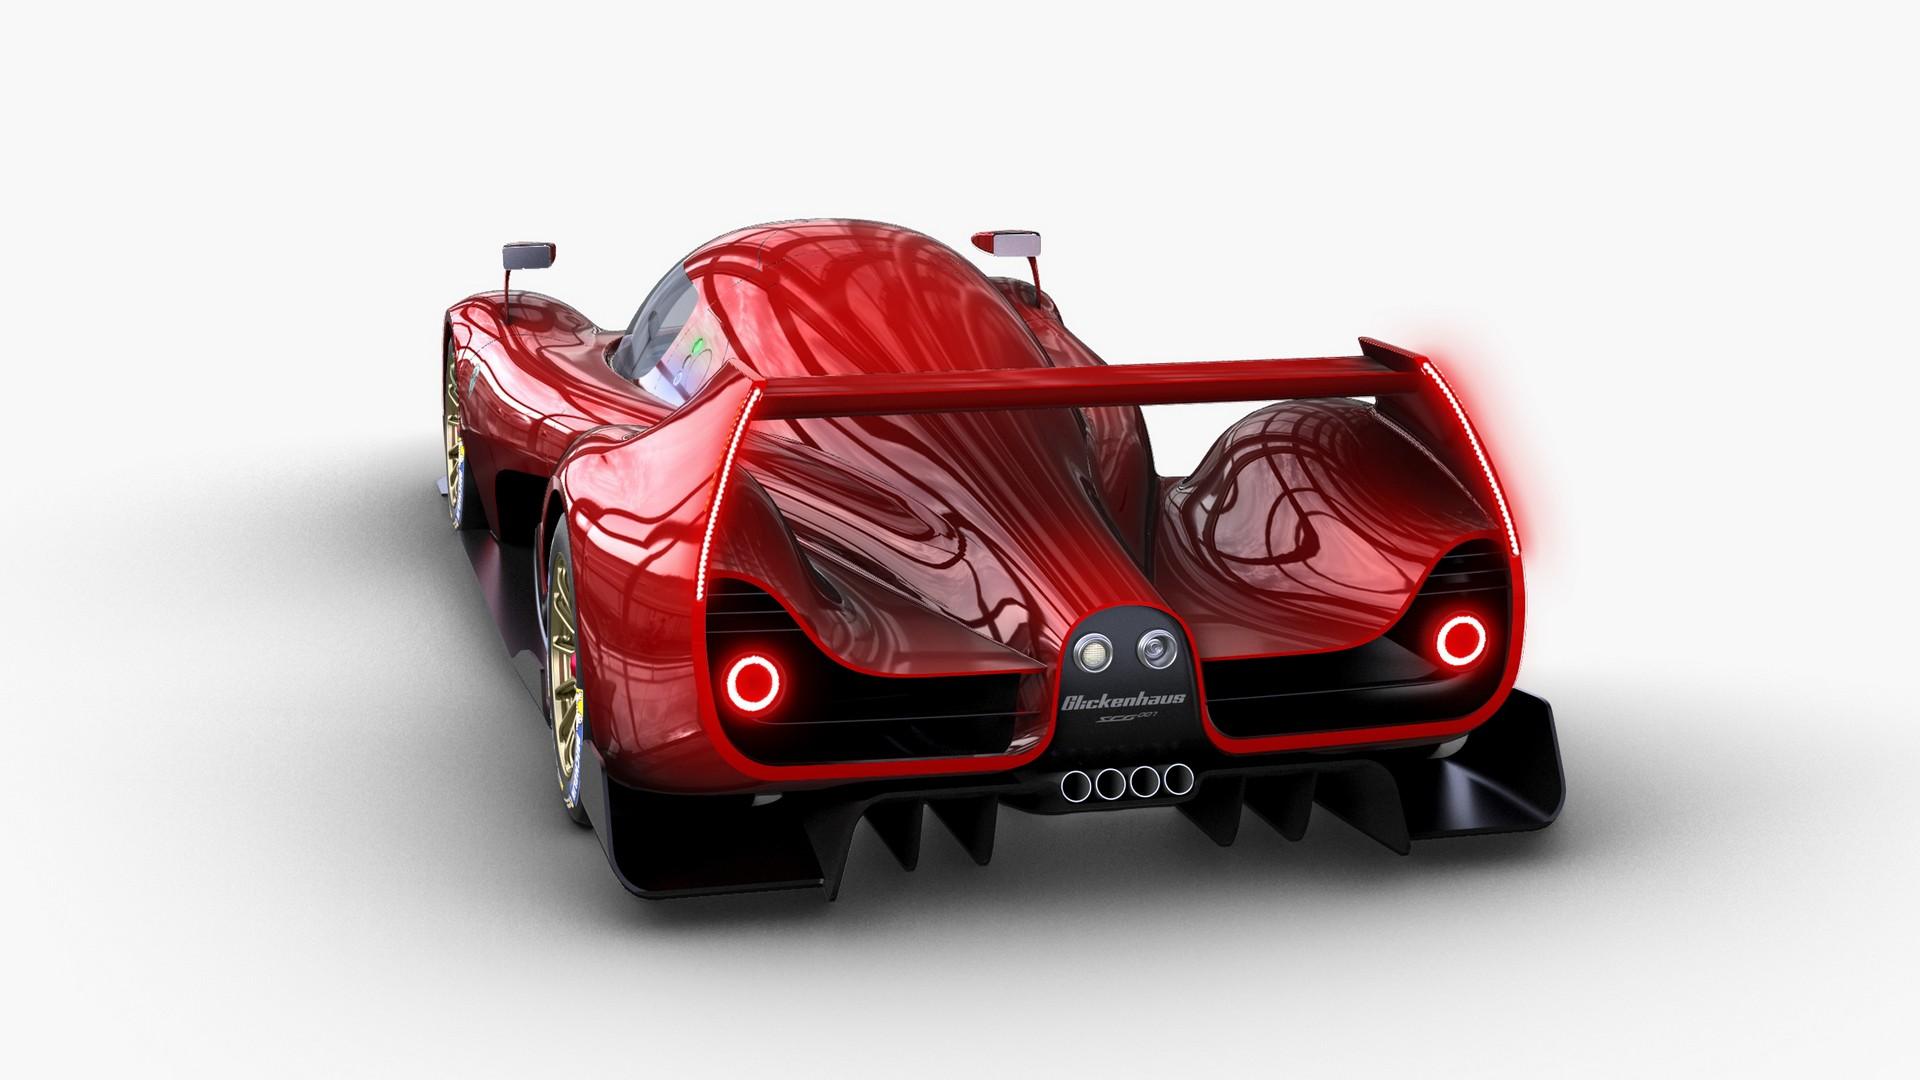 Glickenhaus-007-Le-Mans-Hypercar-4